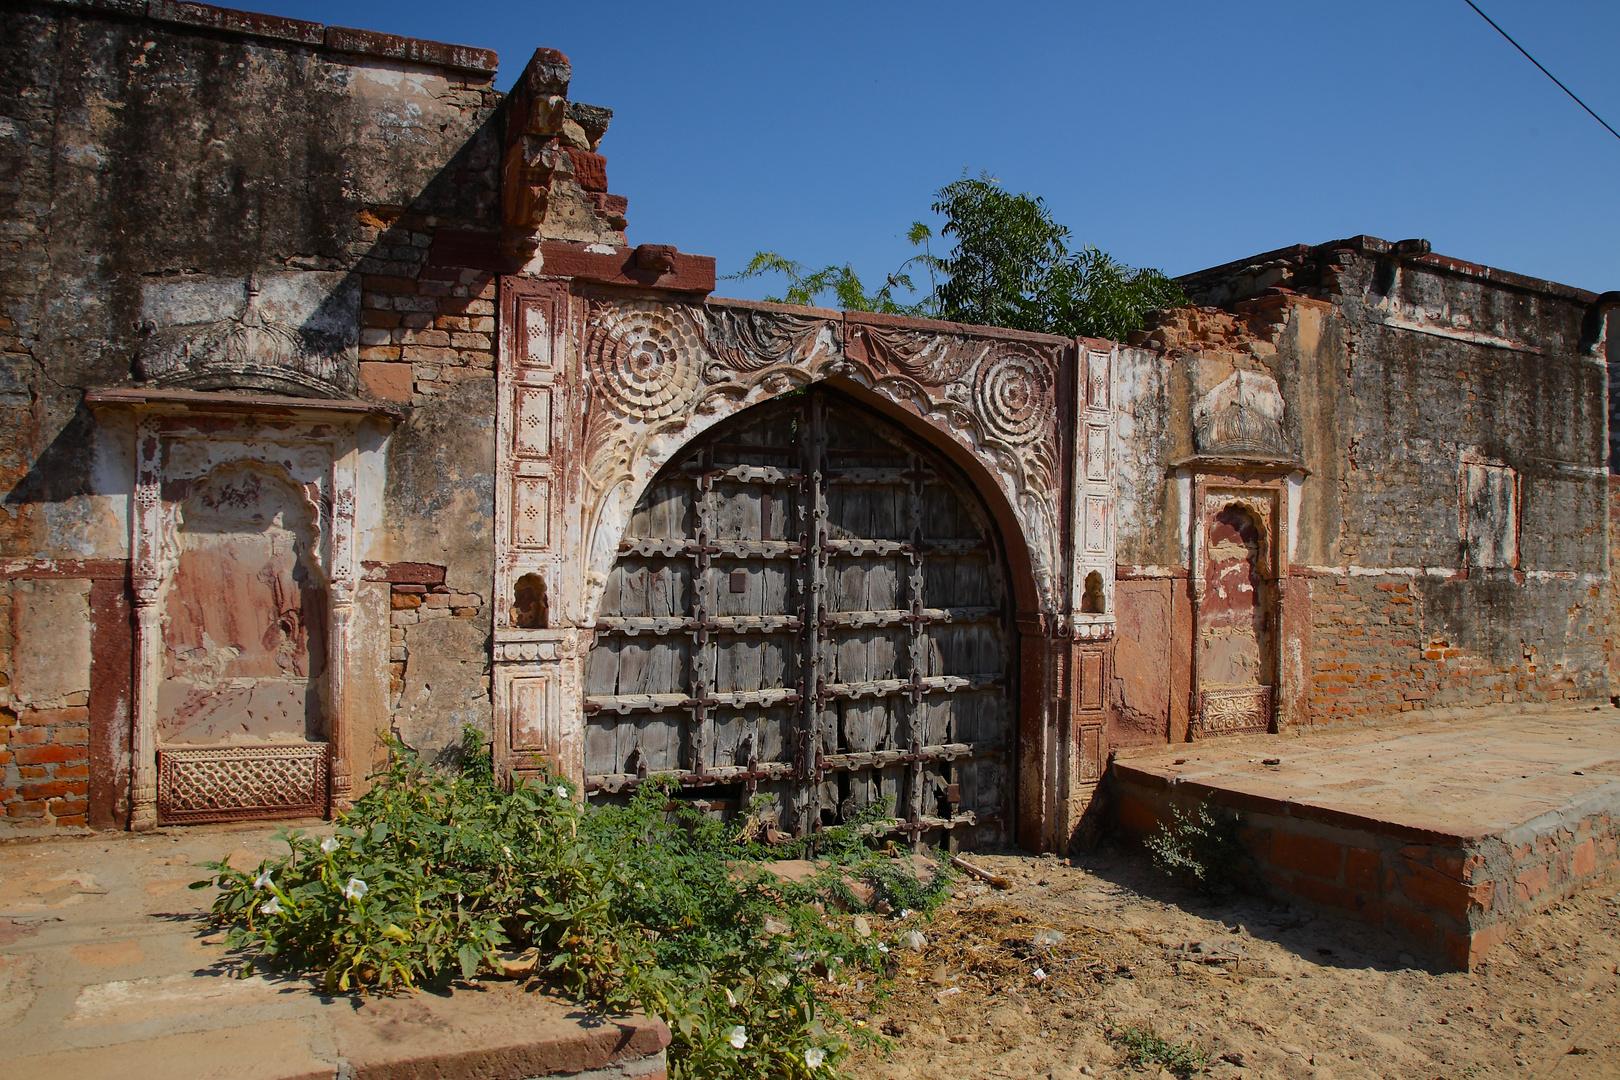 Une porte vers l'au-delà. Près de Jodhpur, Radjasthan.